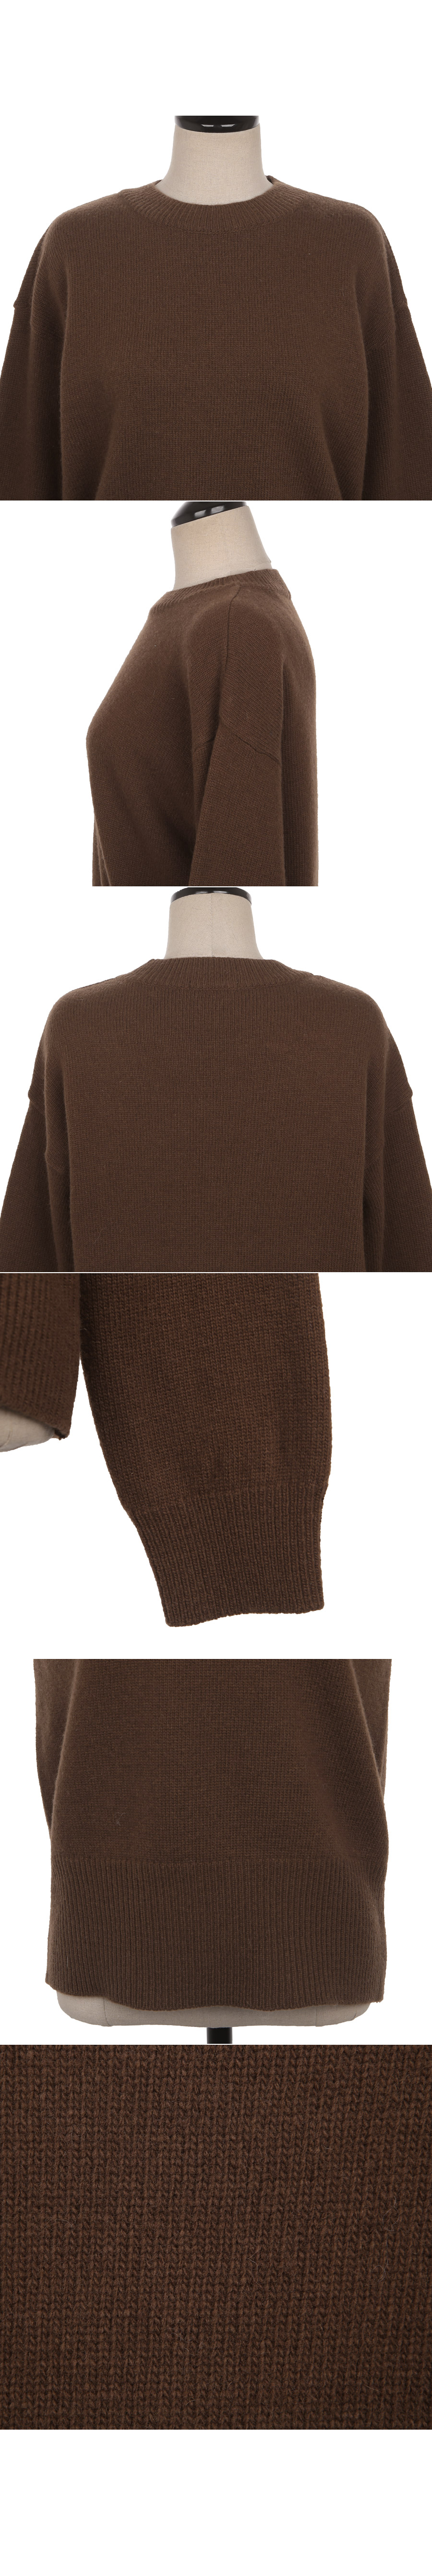 Royan knit